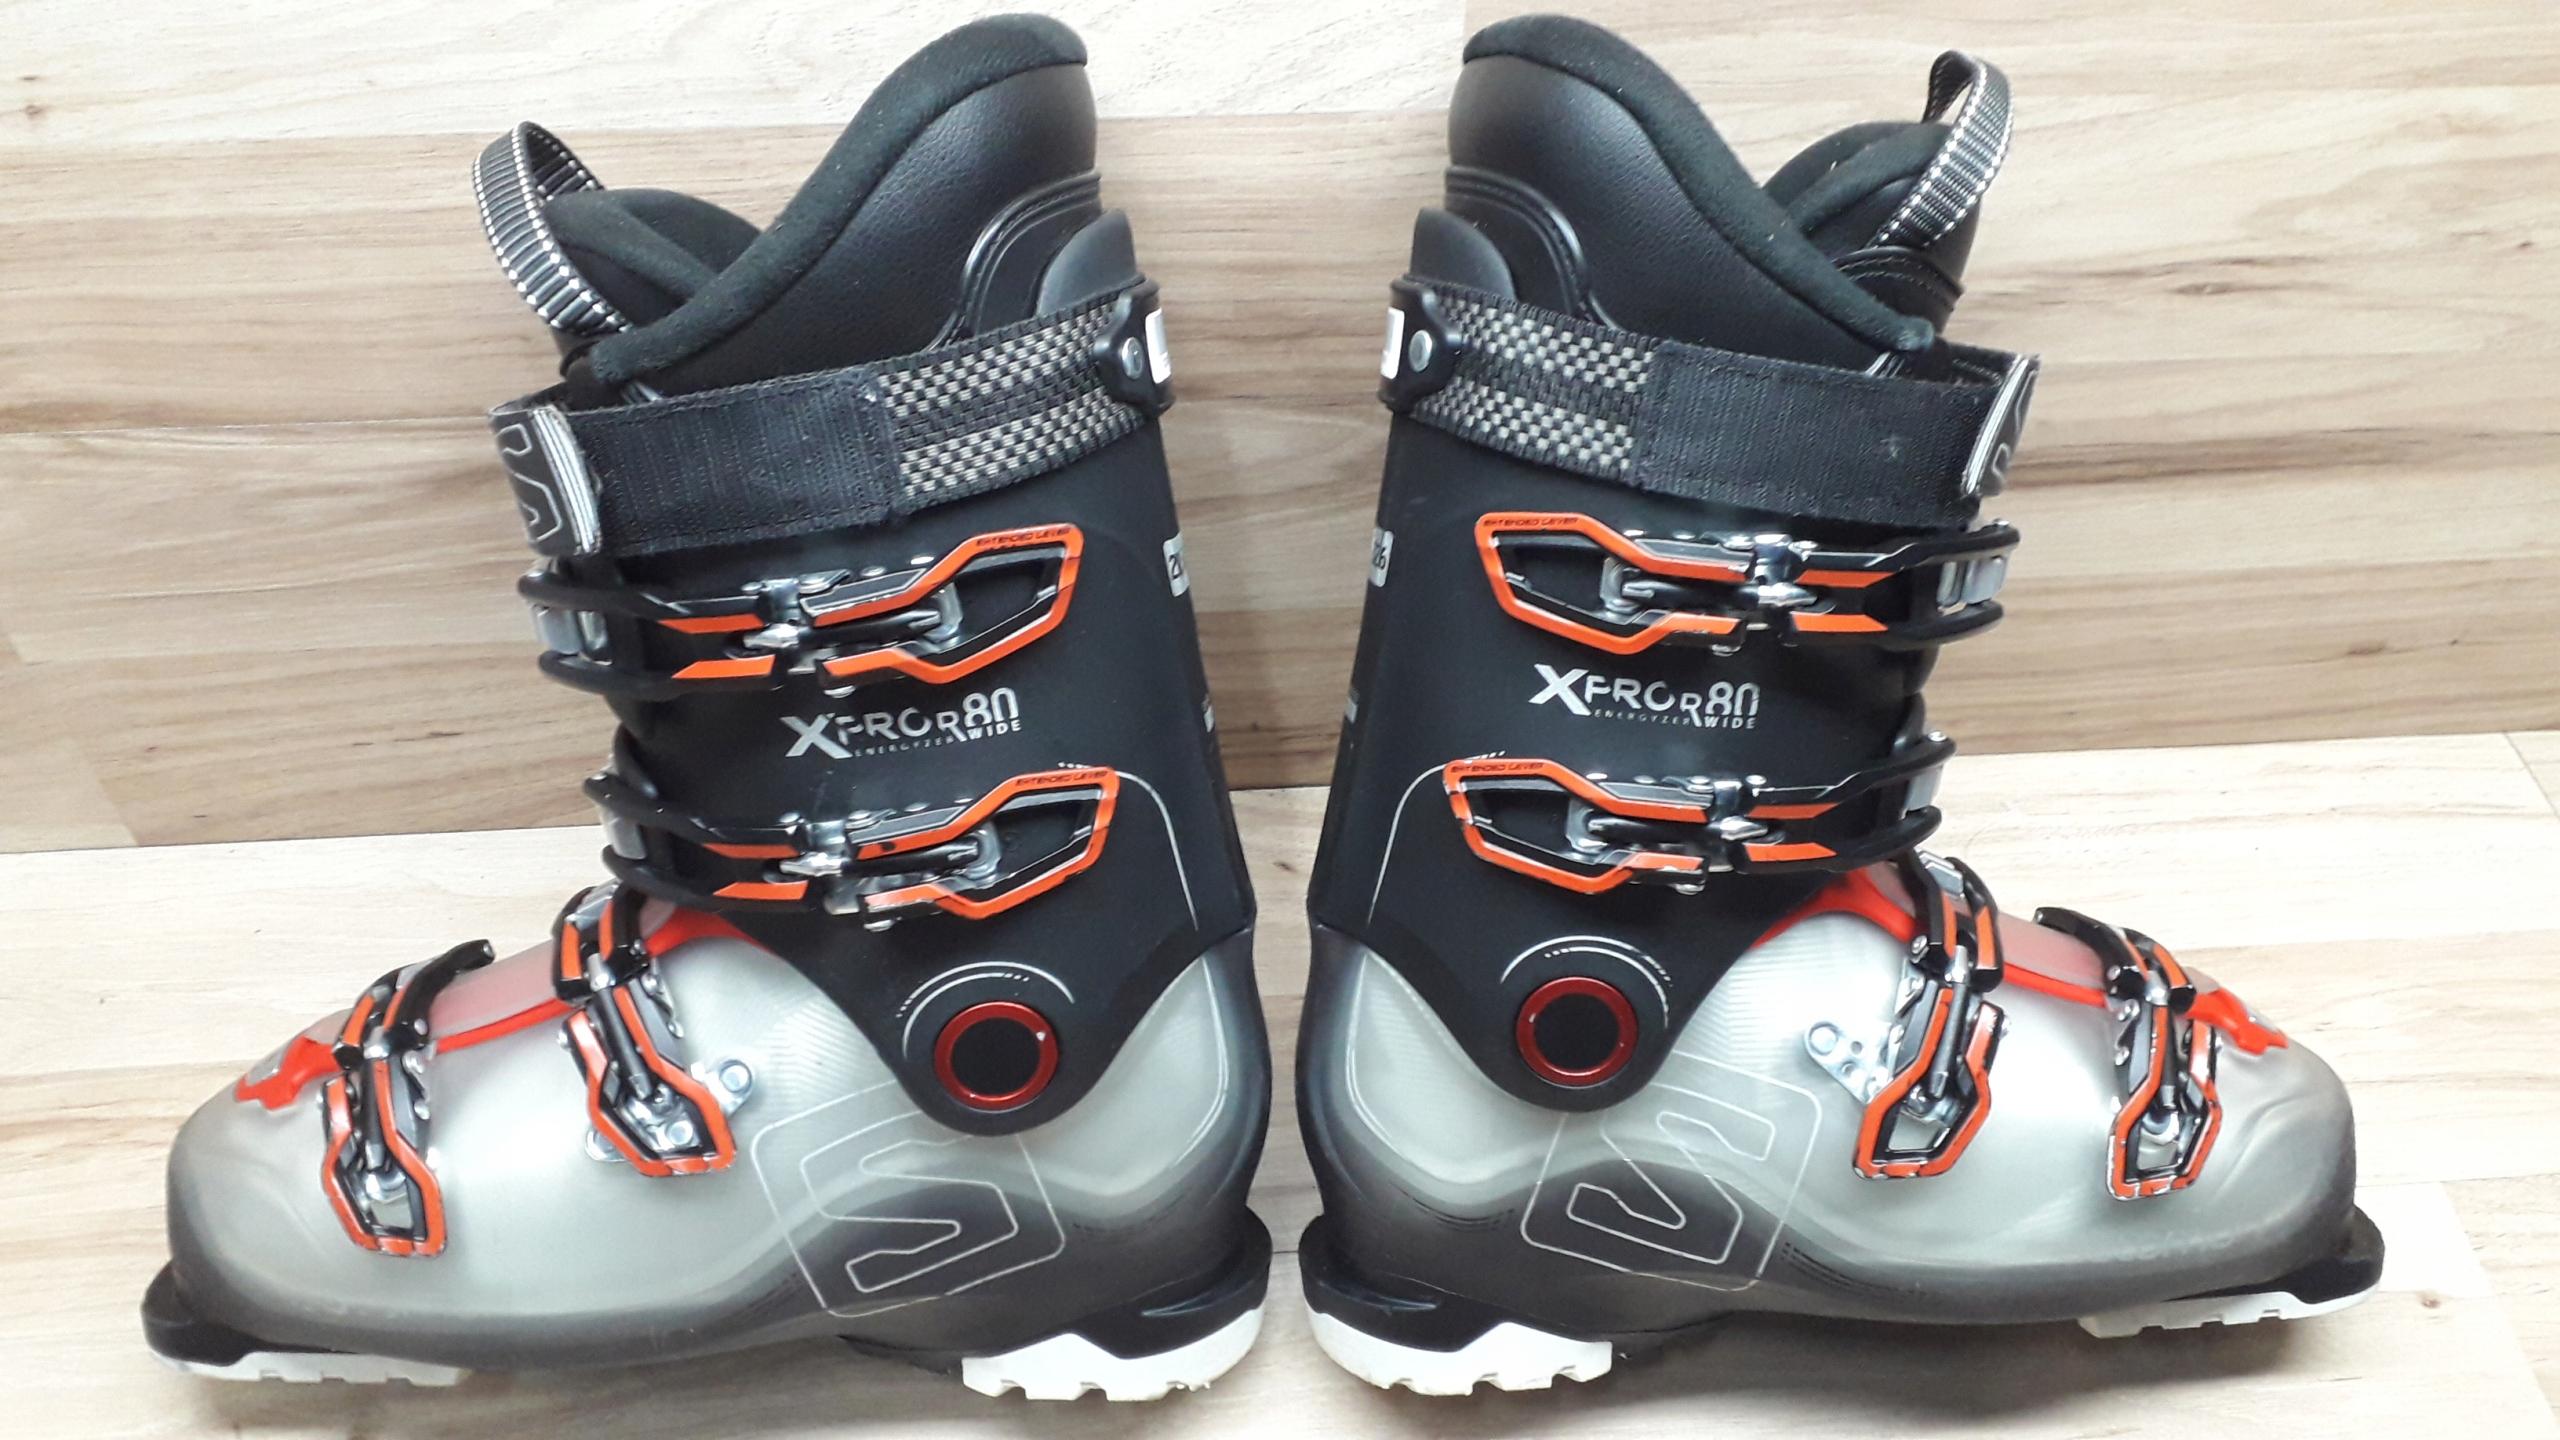 NOWE Buty narciarskie Salomon X Pro R80 W Wide Poznań